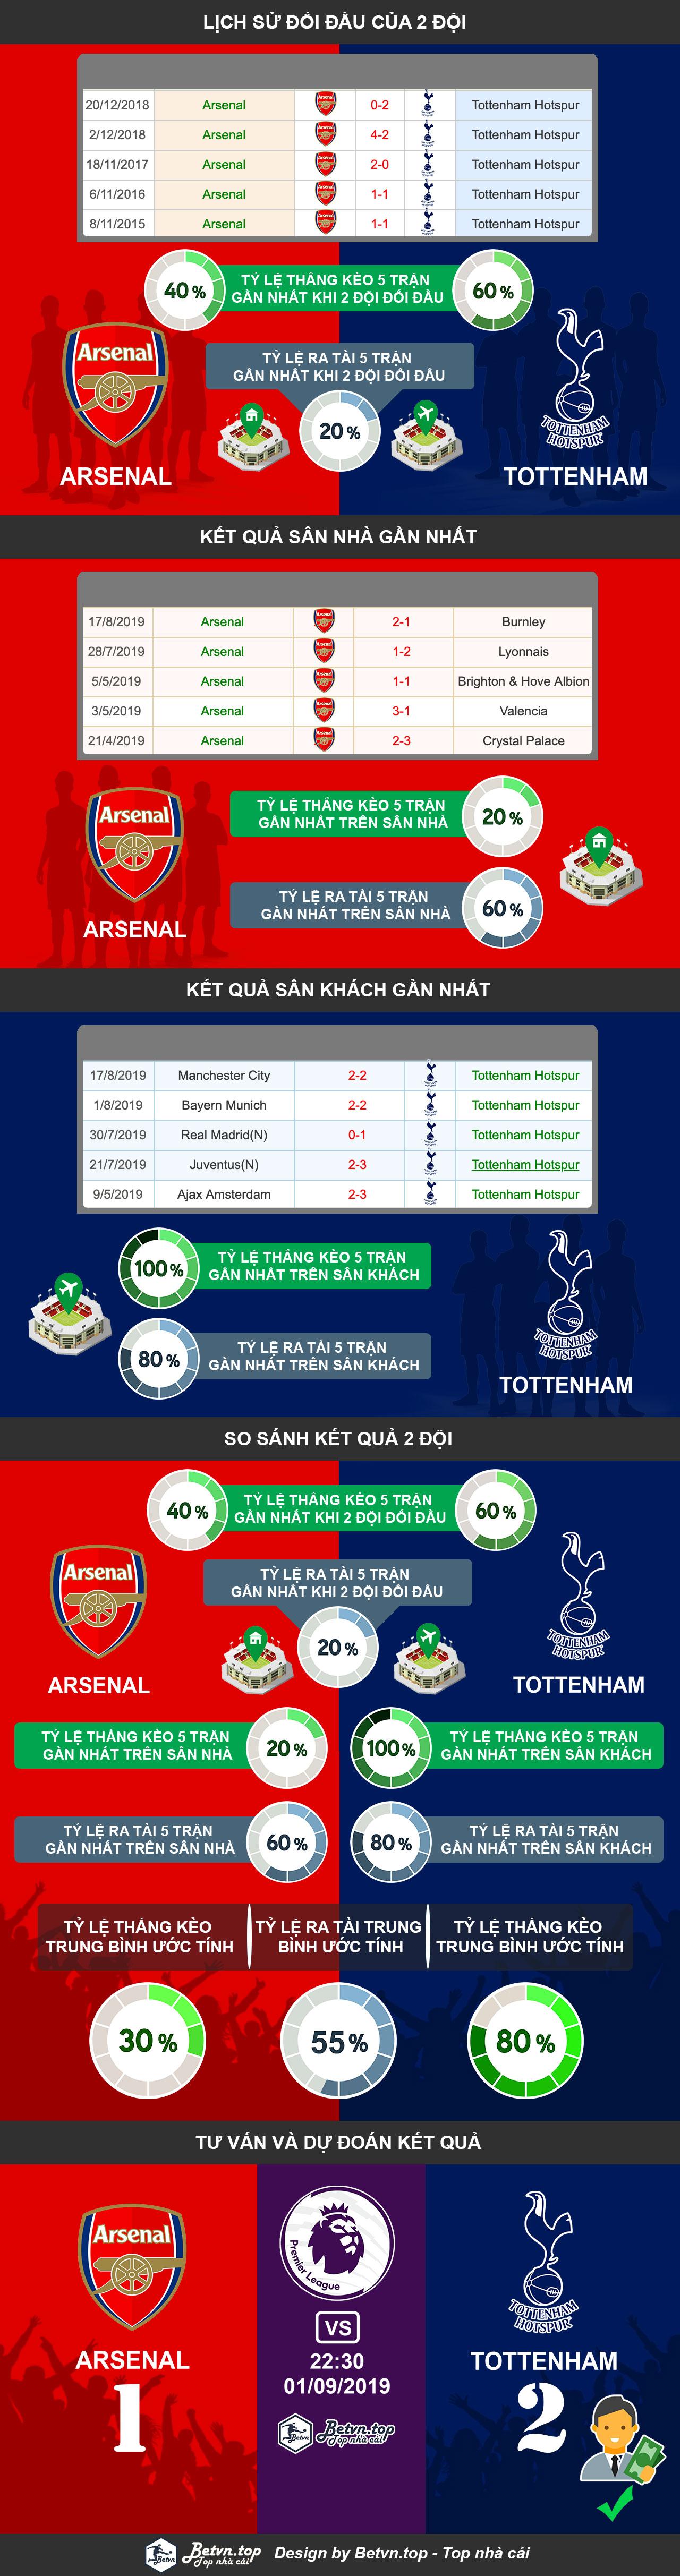 Phân tích tỷ lệ thắng kèo nhà cái cá độ bóng đá qua mạng uy tín nhất. Hướng dẫn cá độ bóng đá qua mạng Arsenal vs Tottenham, 22h30 1/09/2019 Ngoại hạng Anh